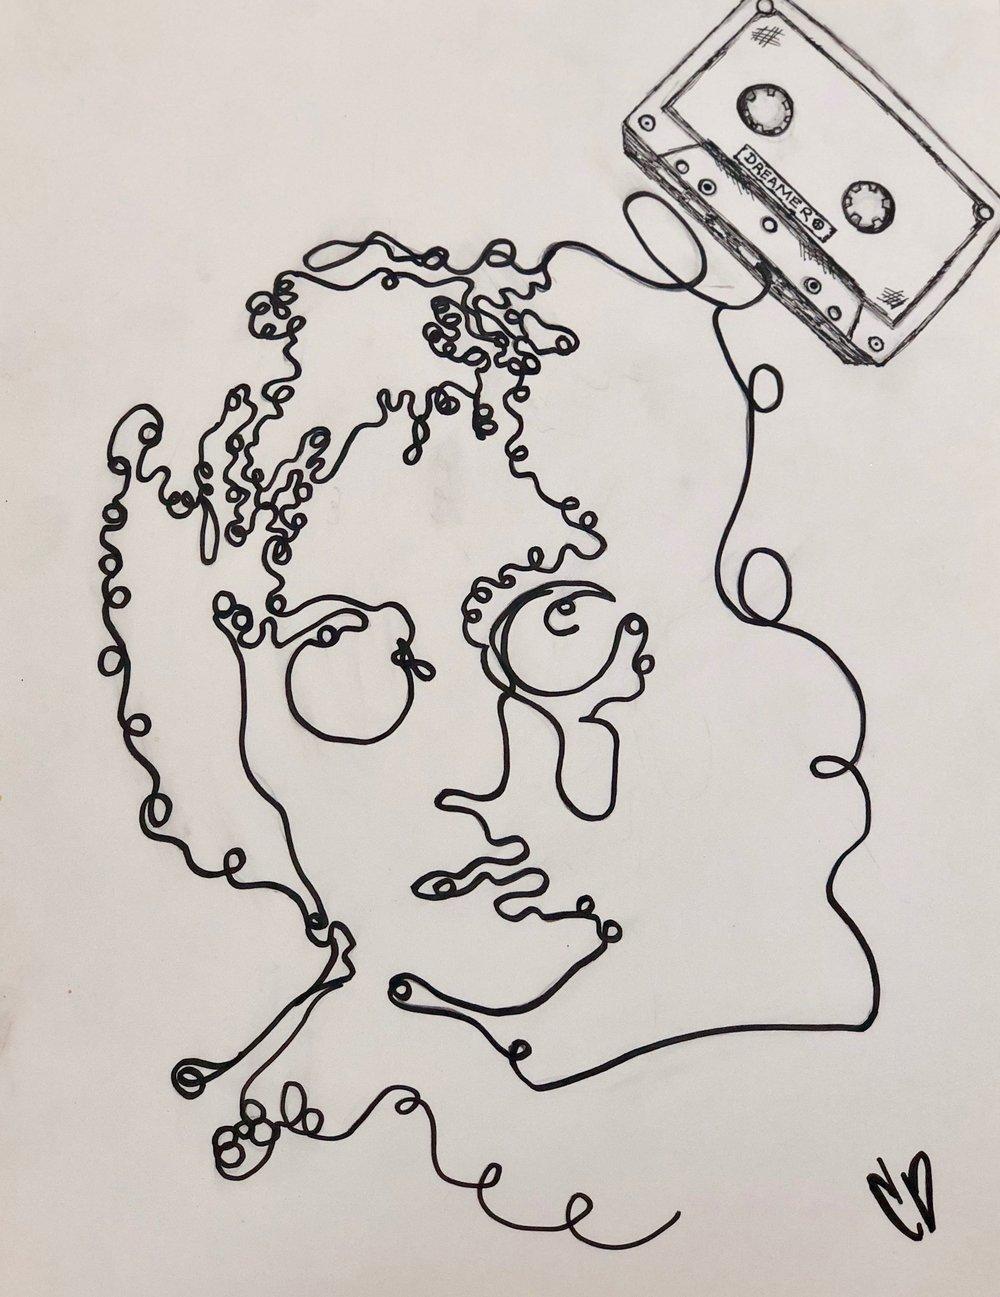 dreamer - marker doodle.